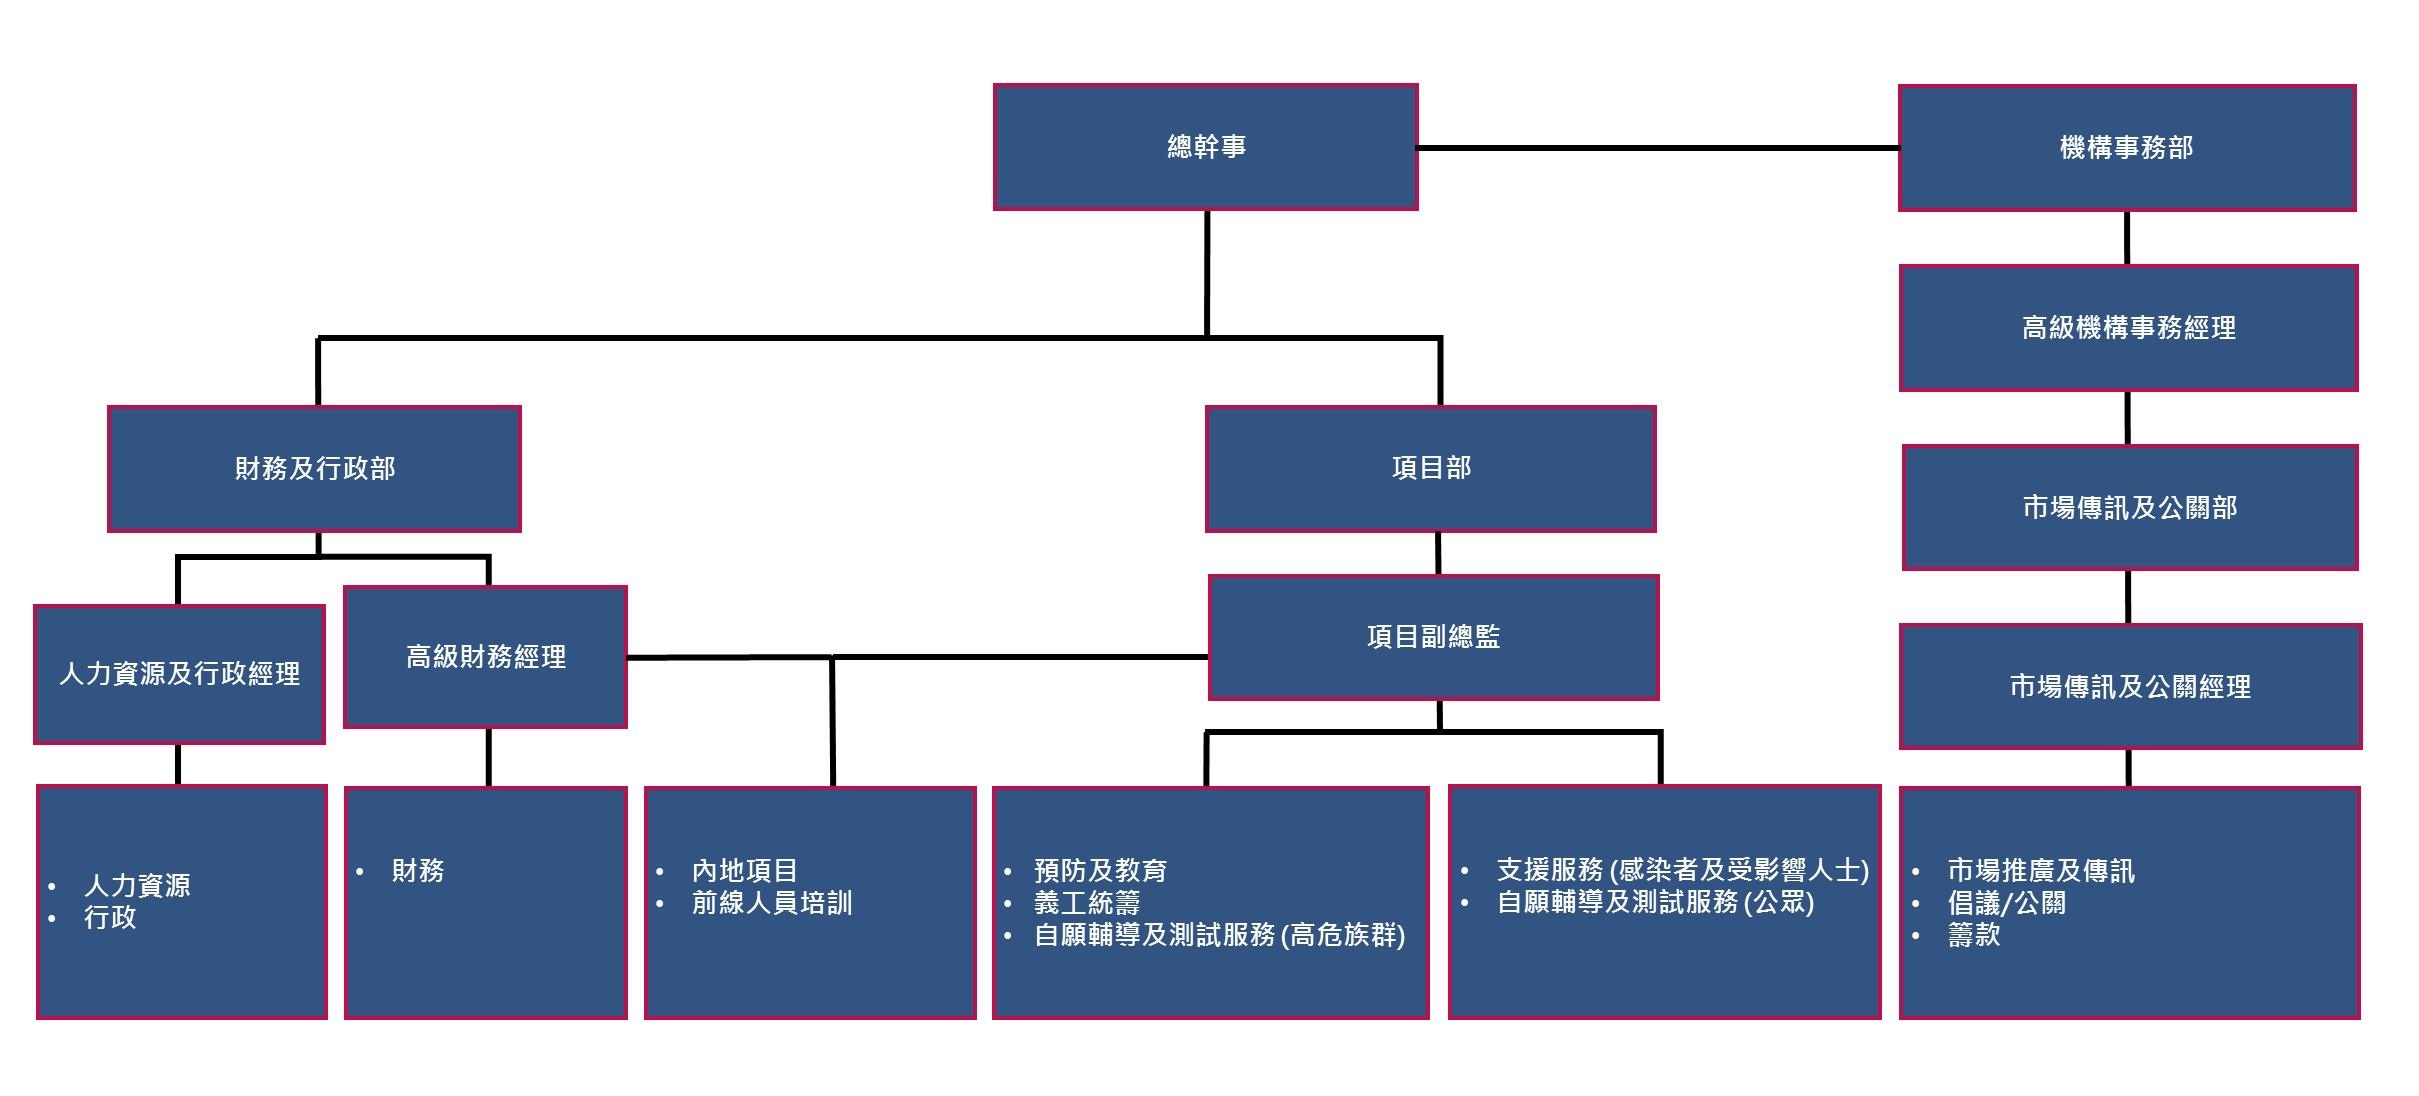 Chi chart